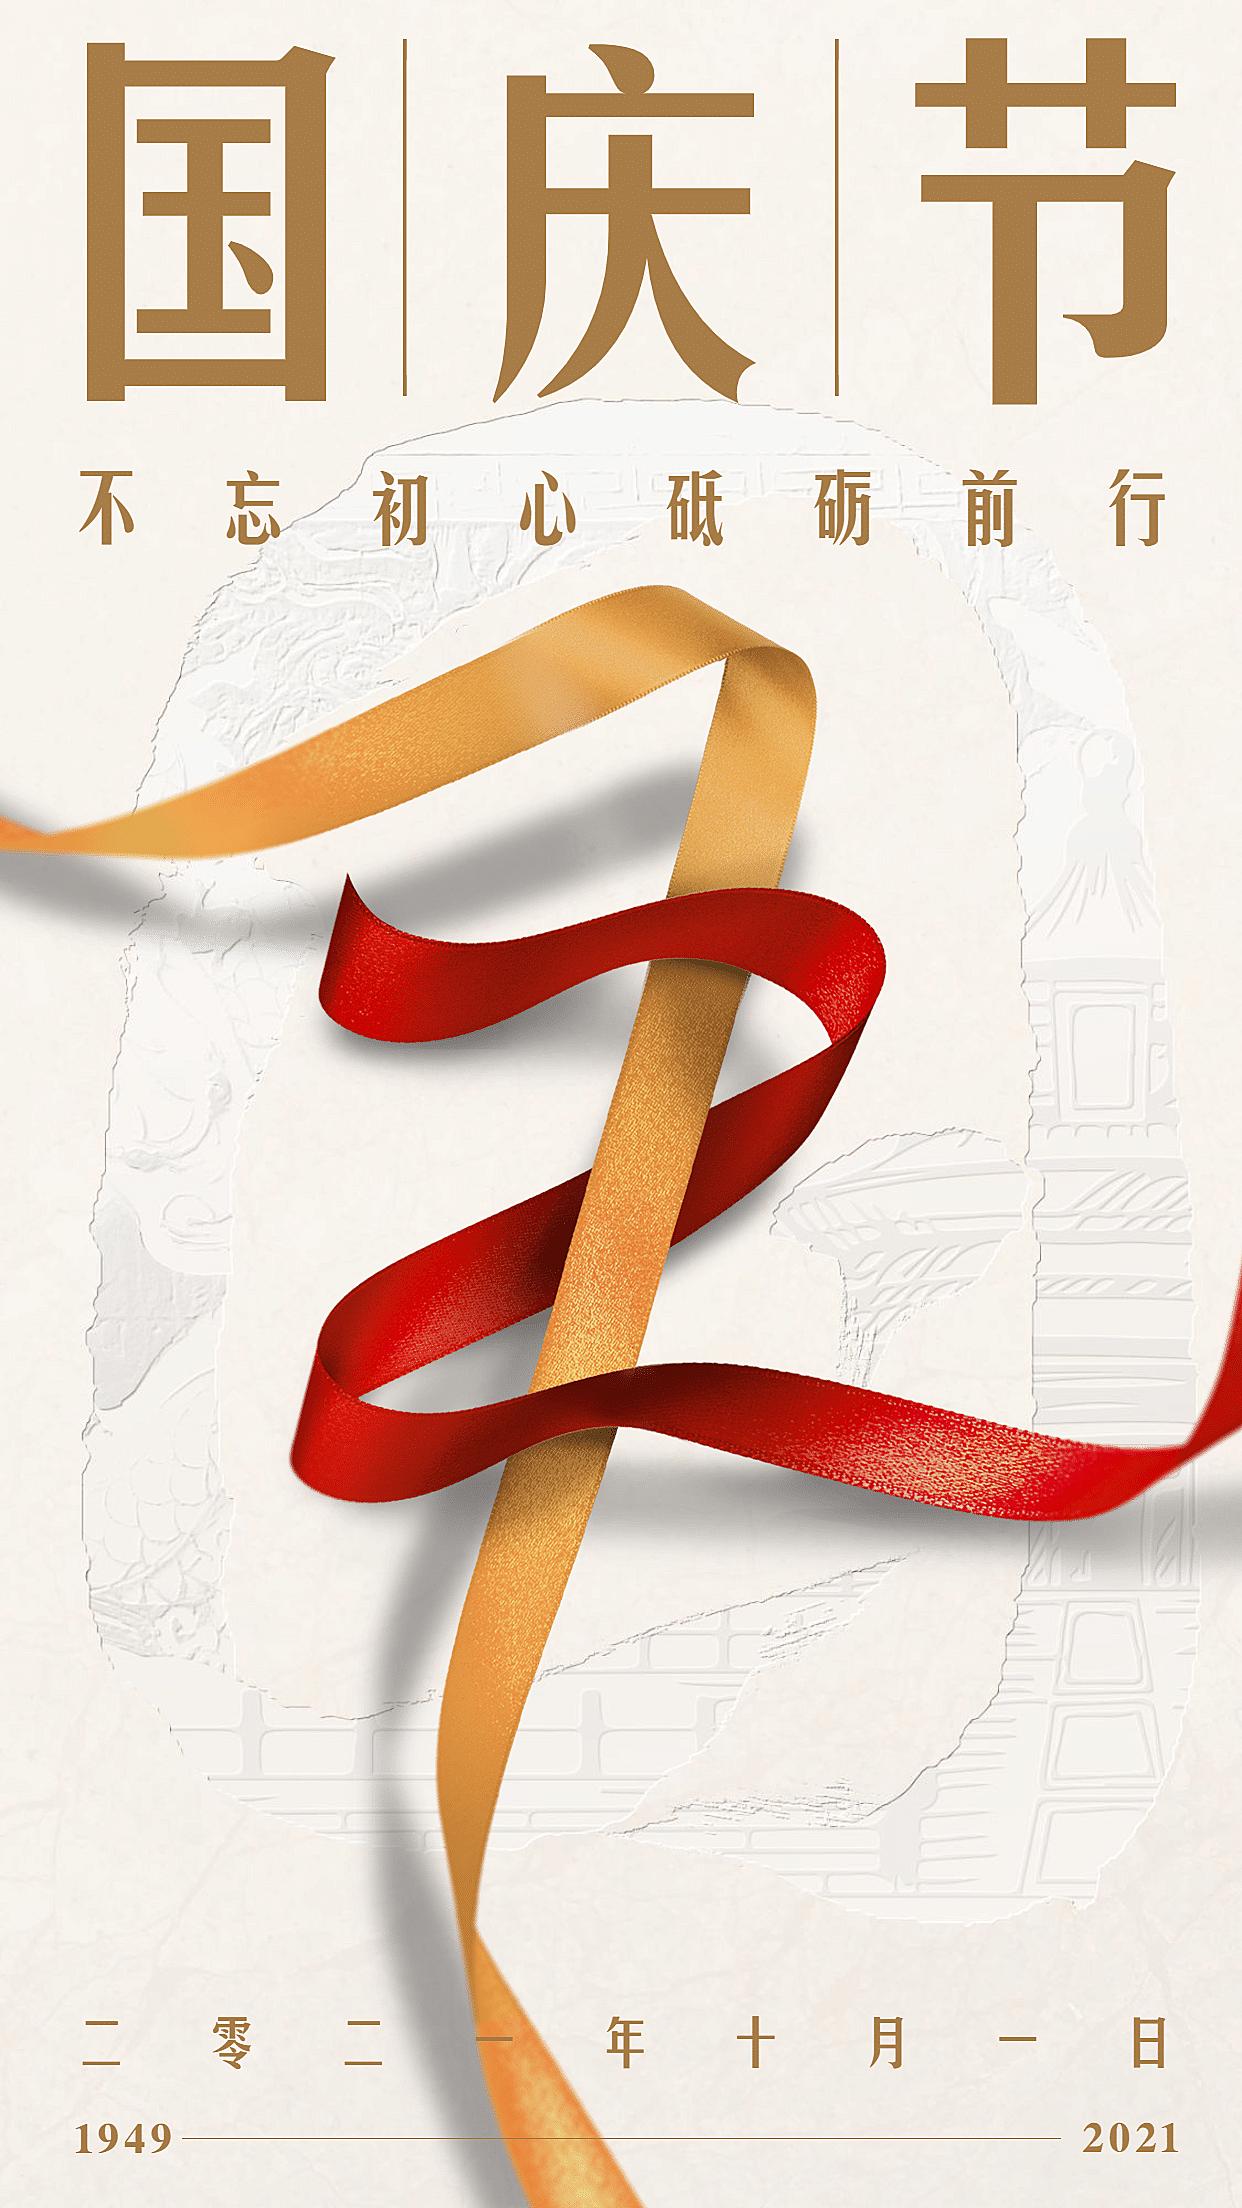 十一国庆融媒体节日祝福手机海报